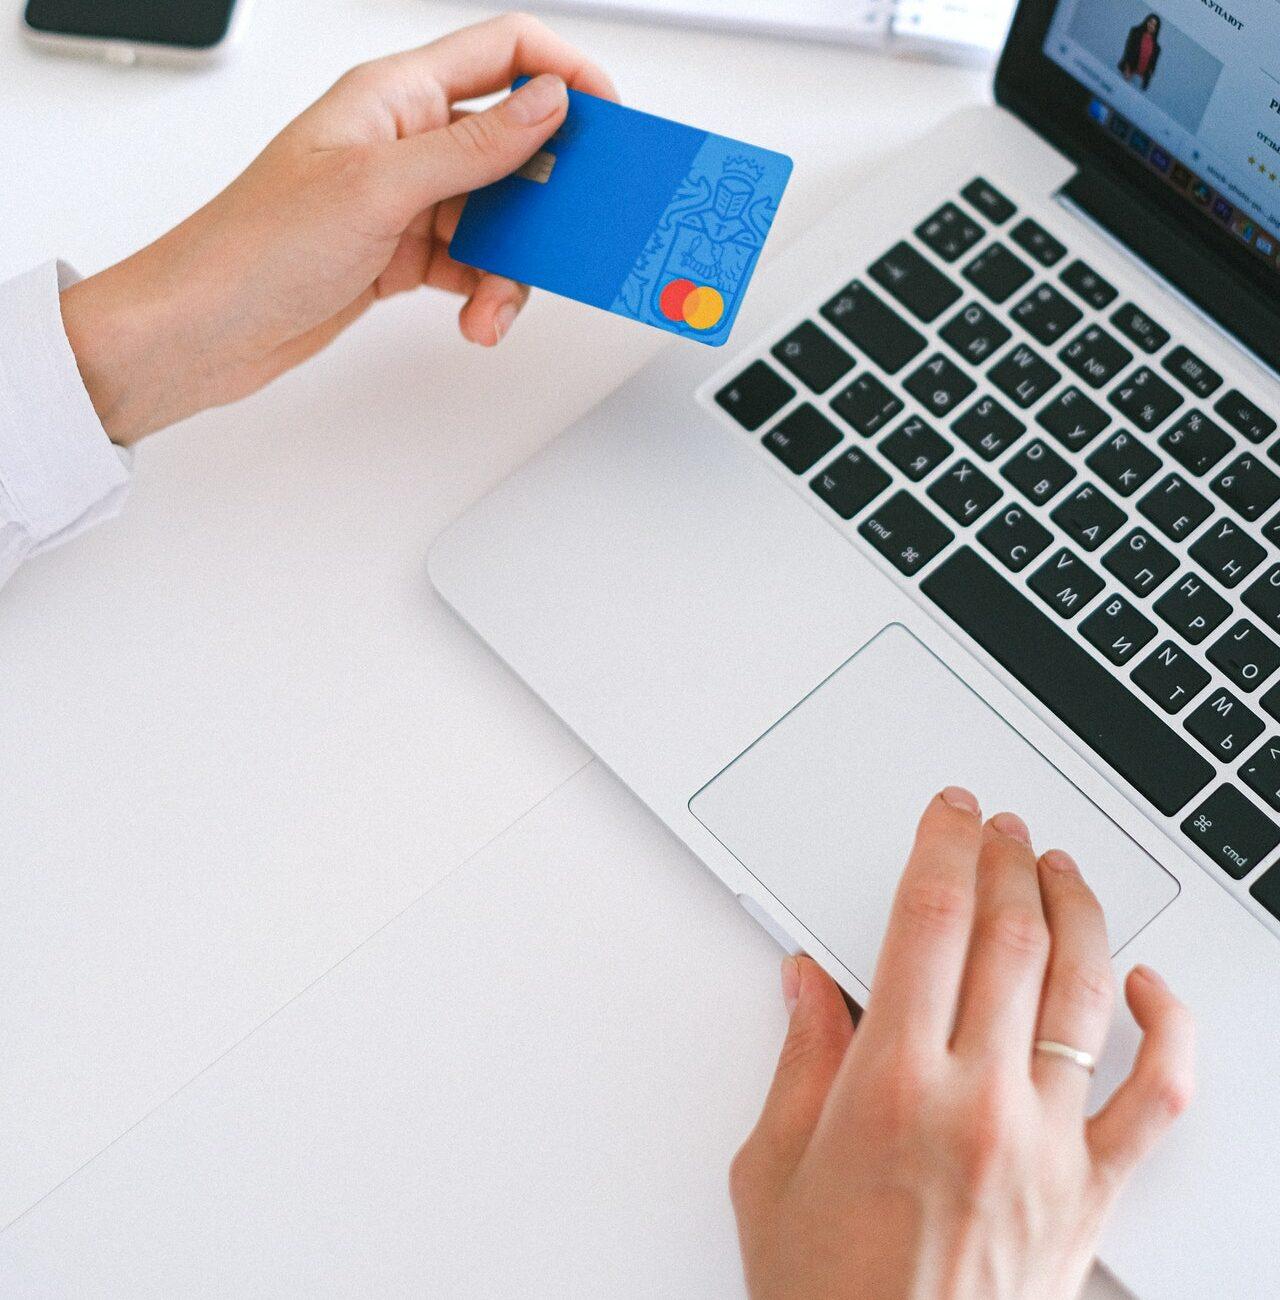 Refus de credit bancaire e1620725552557